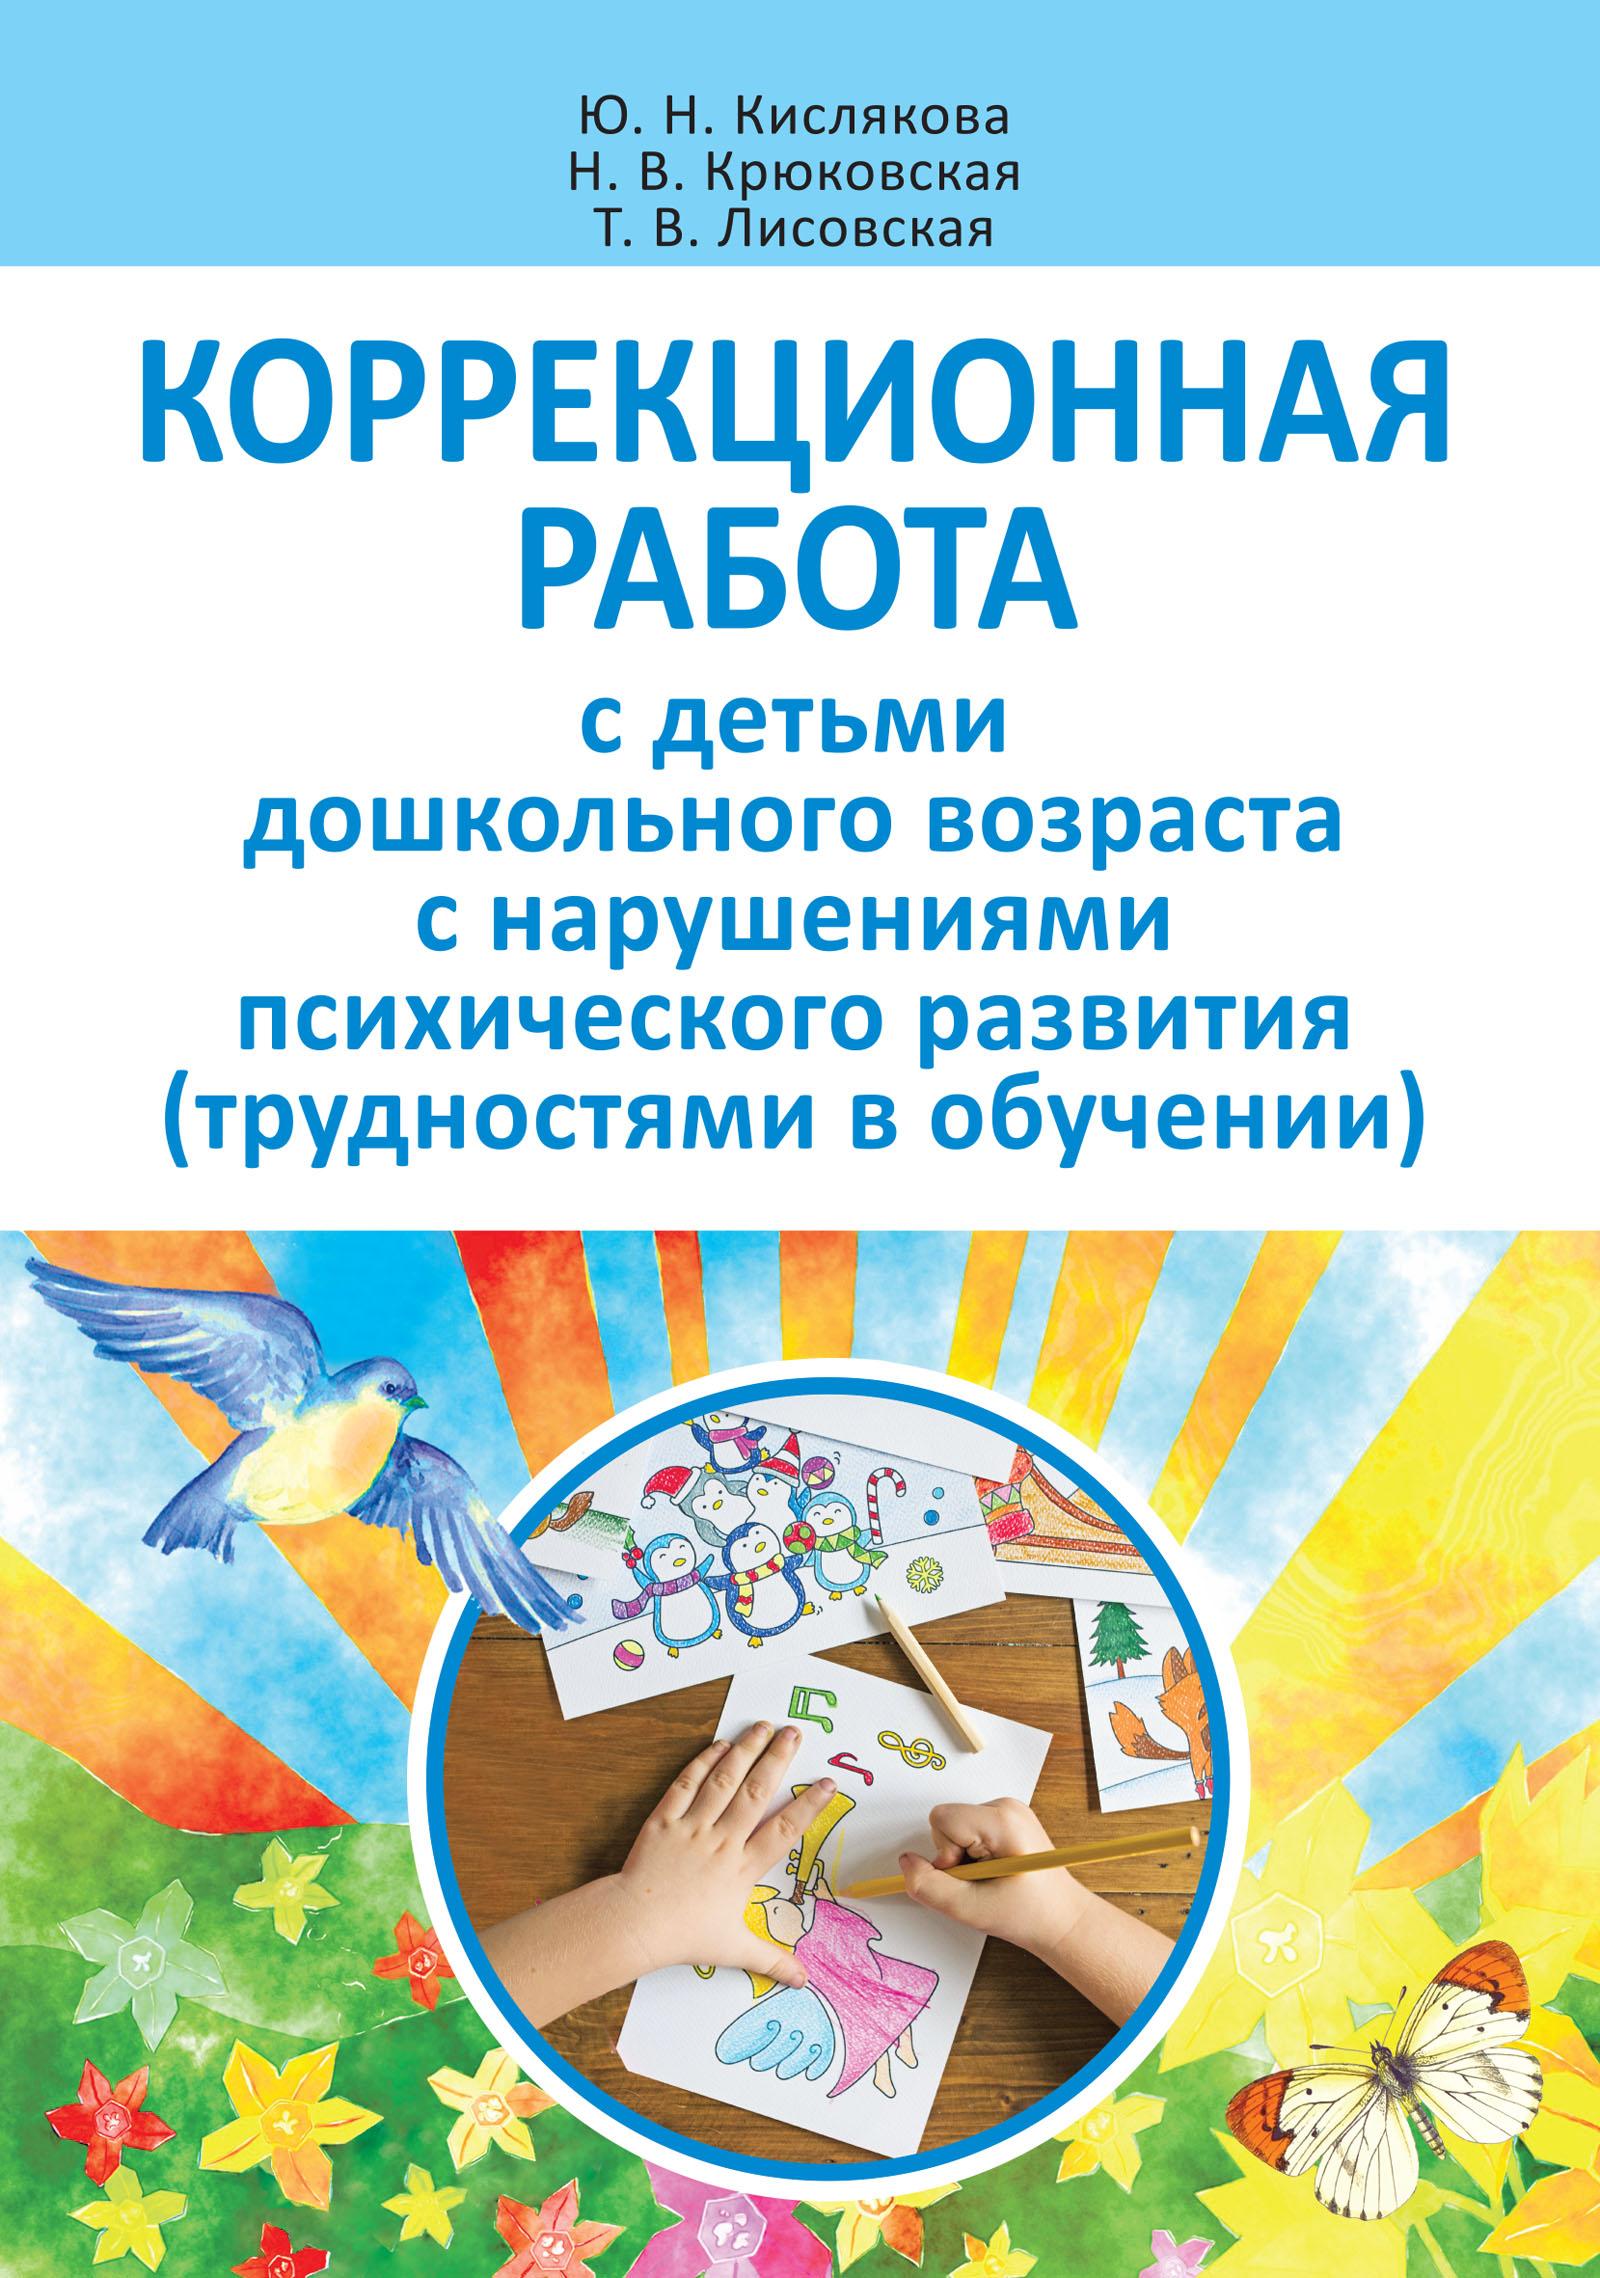 Коррекционная работа с детьми дошкольного возраста с нарушениями психического развития (трудностями в обучении)